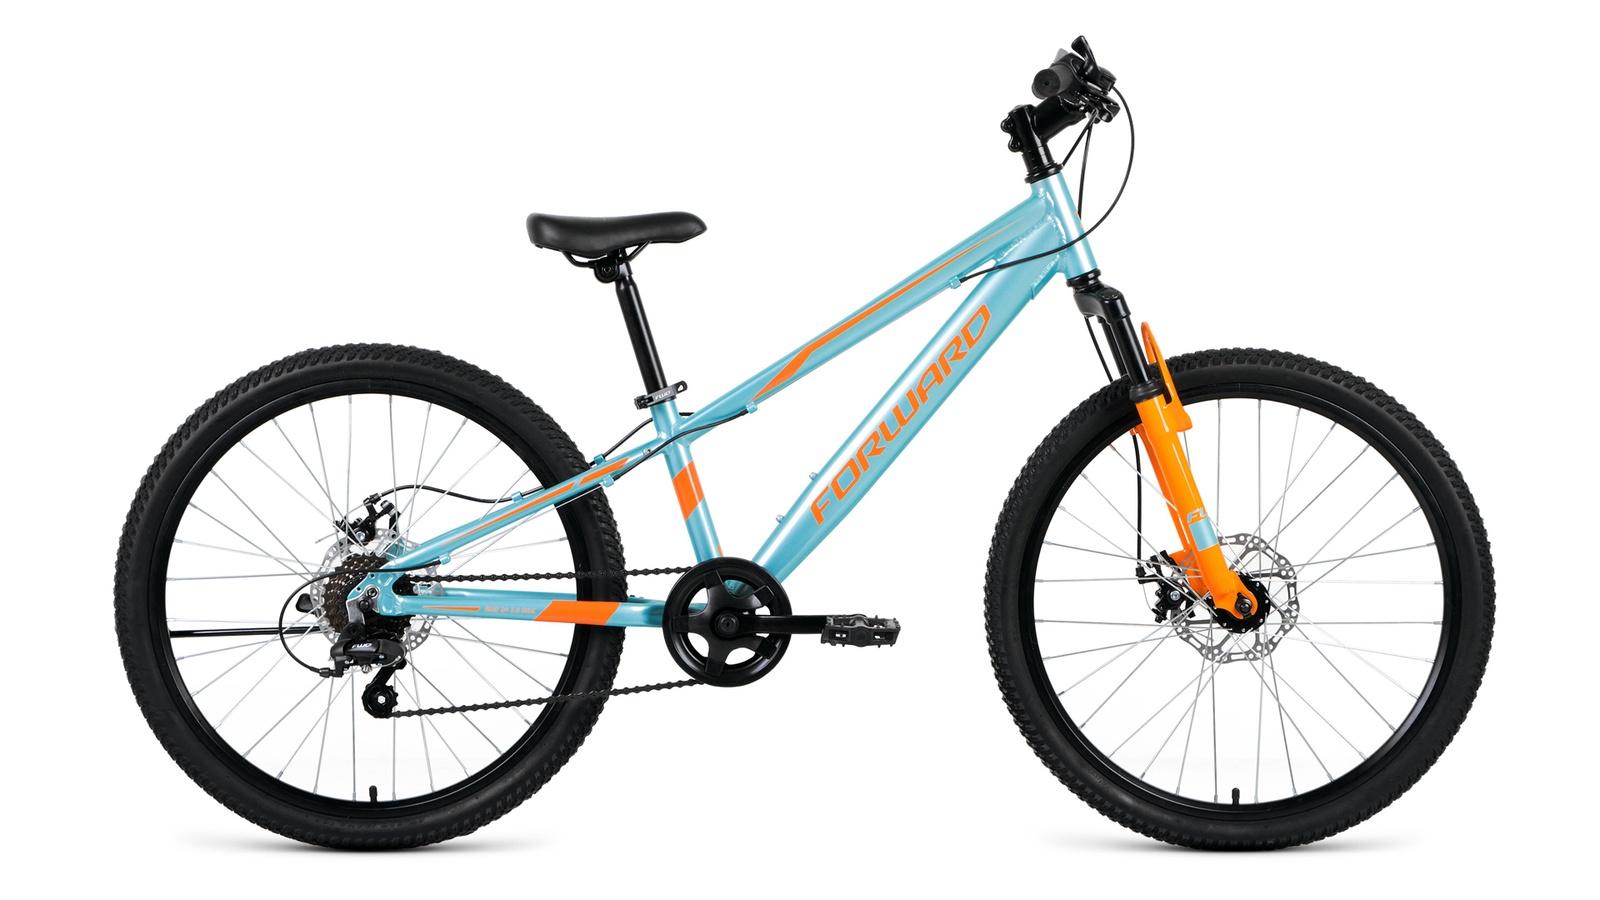 Велосипед Forward Rise 24 2.0 disc, голубой, оранжевый